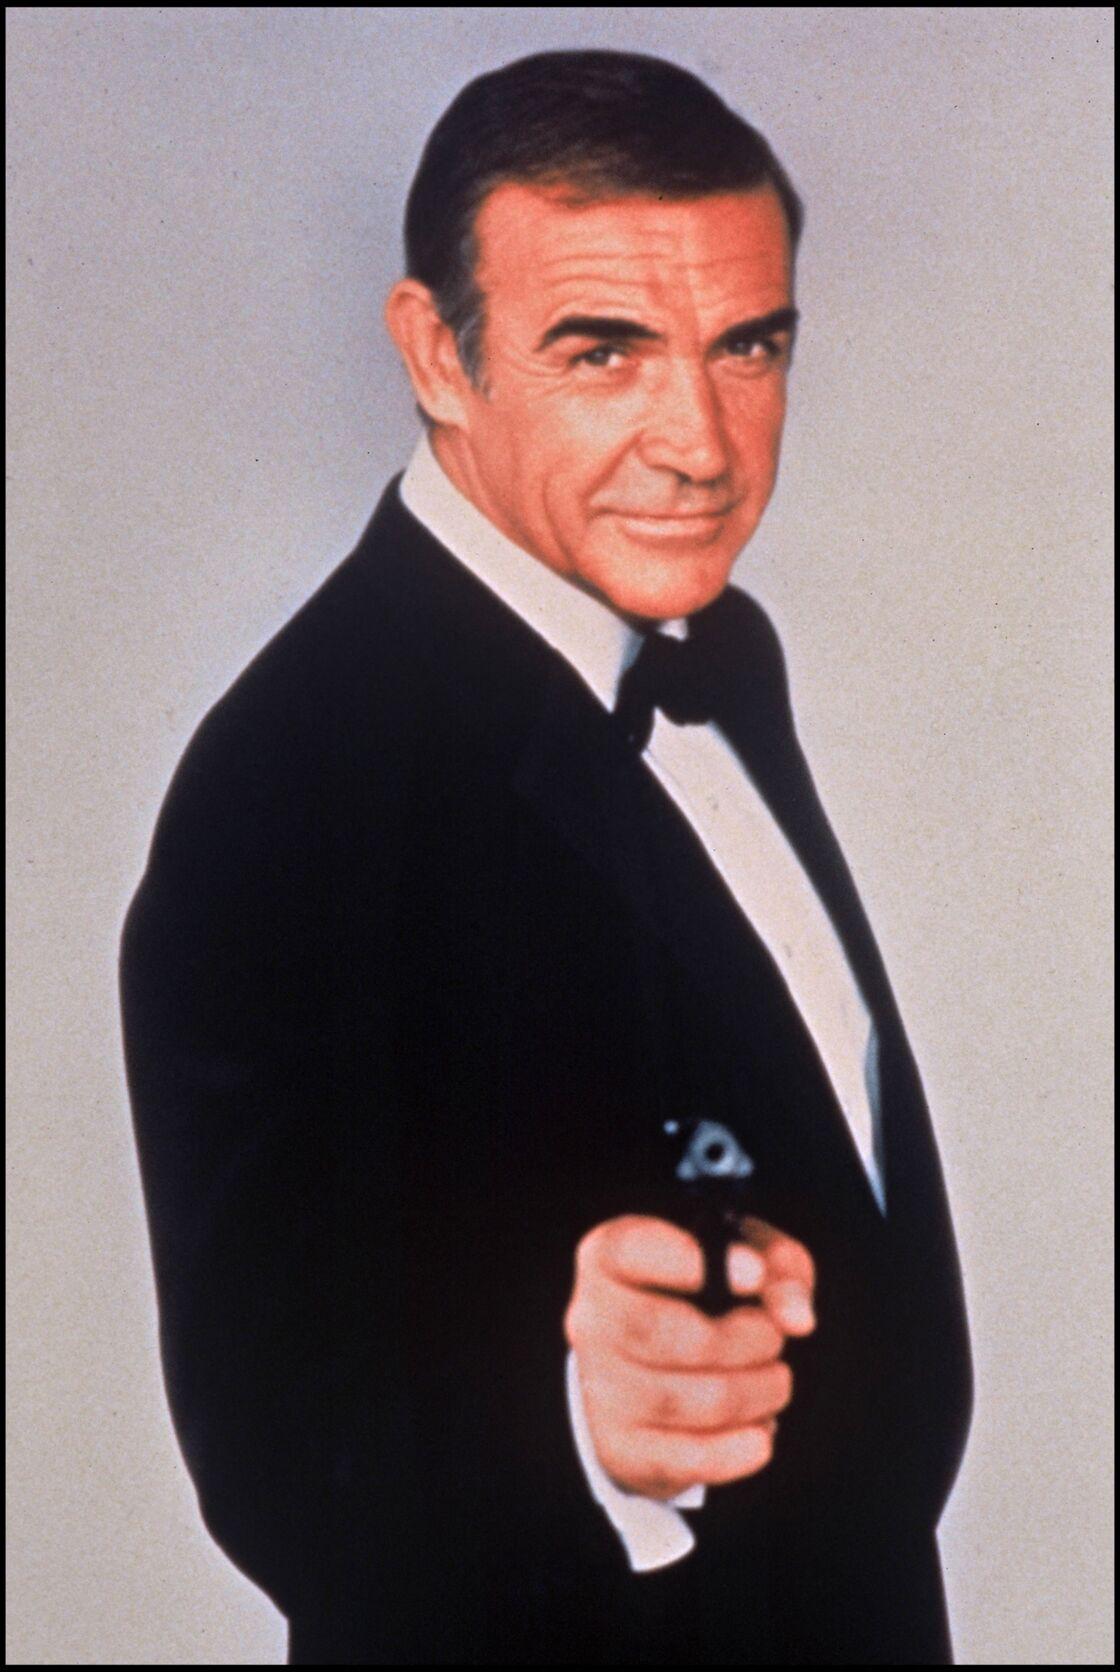 Sean Connery a été le premier à incarner James Bond